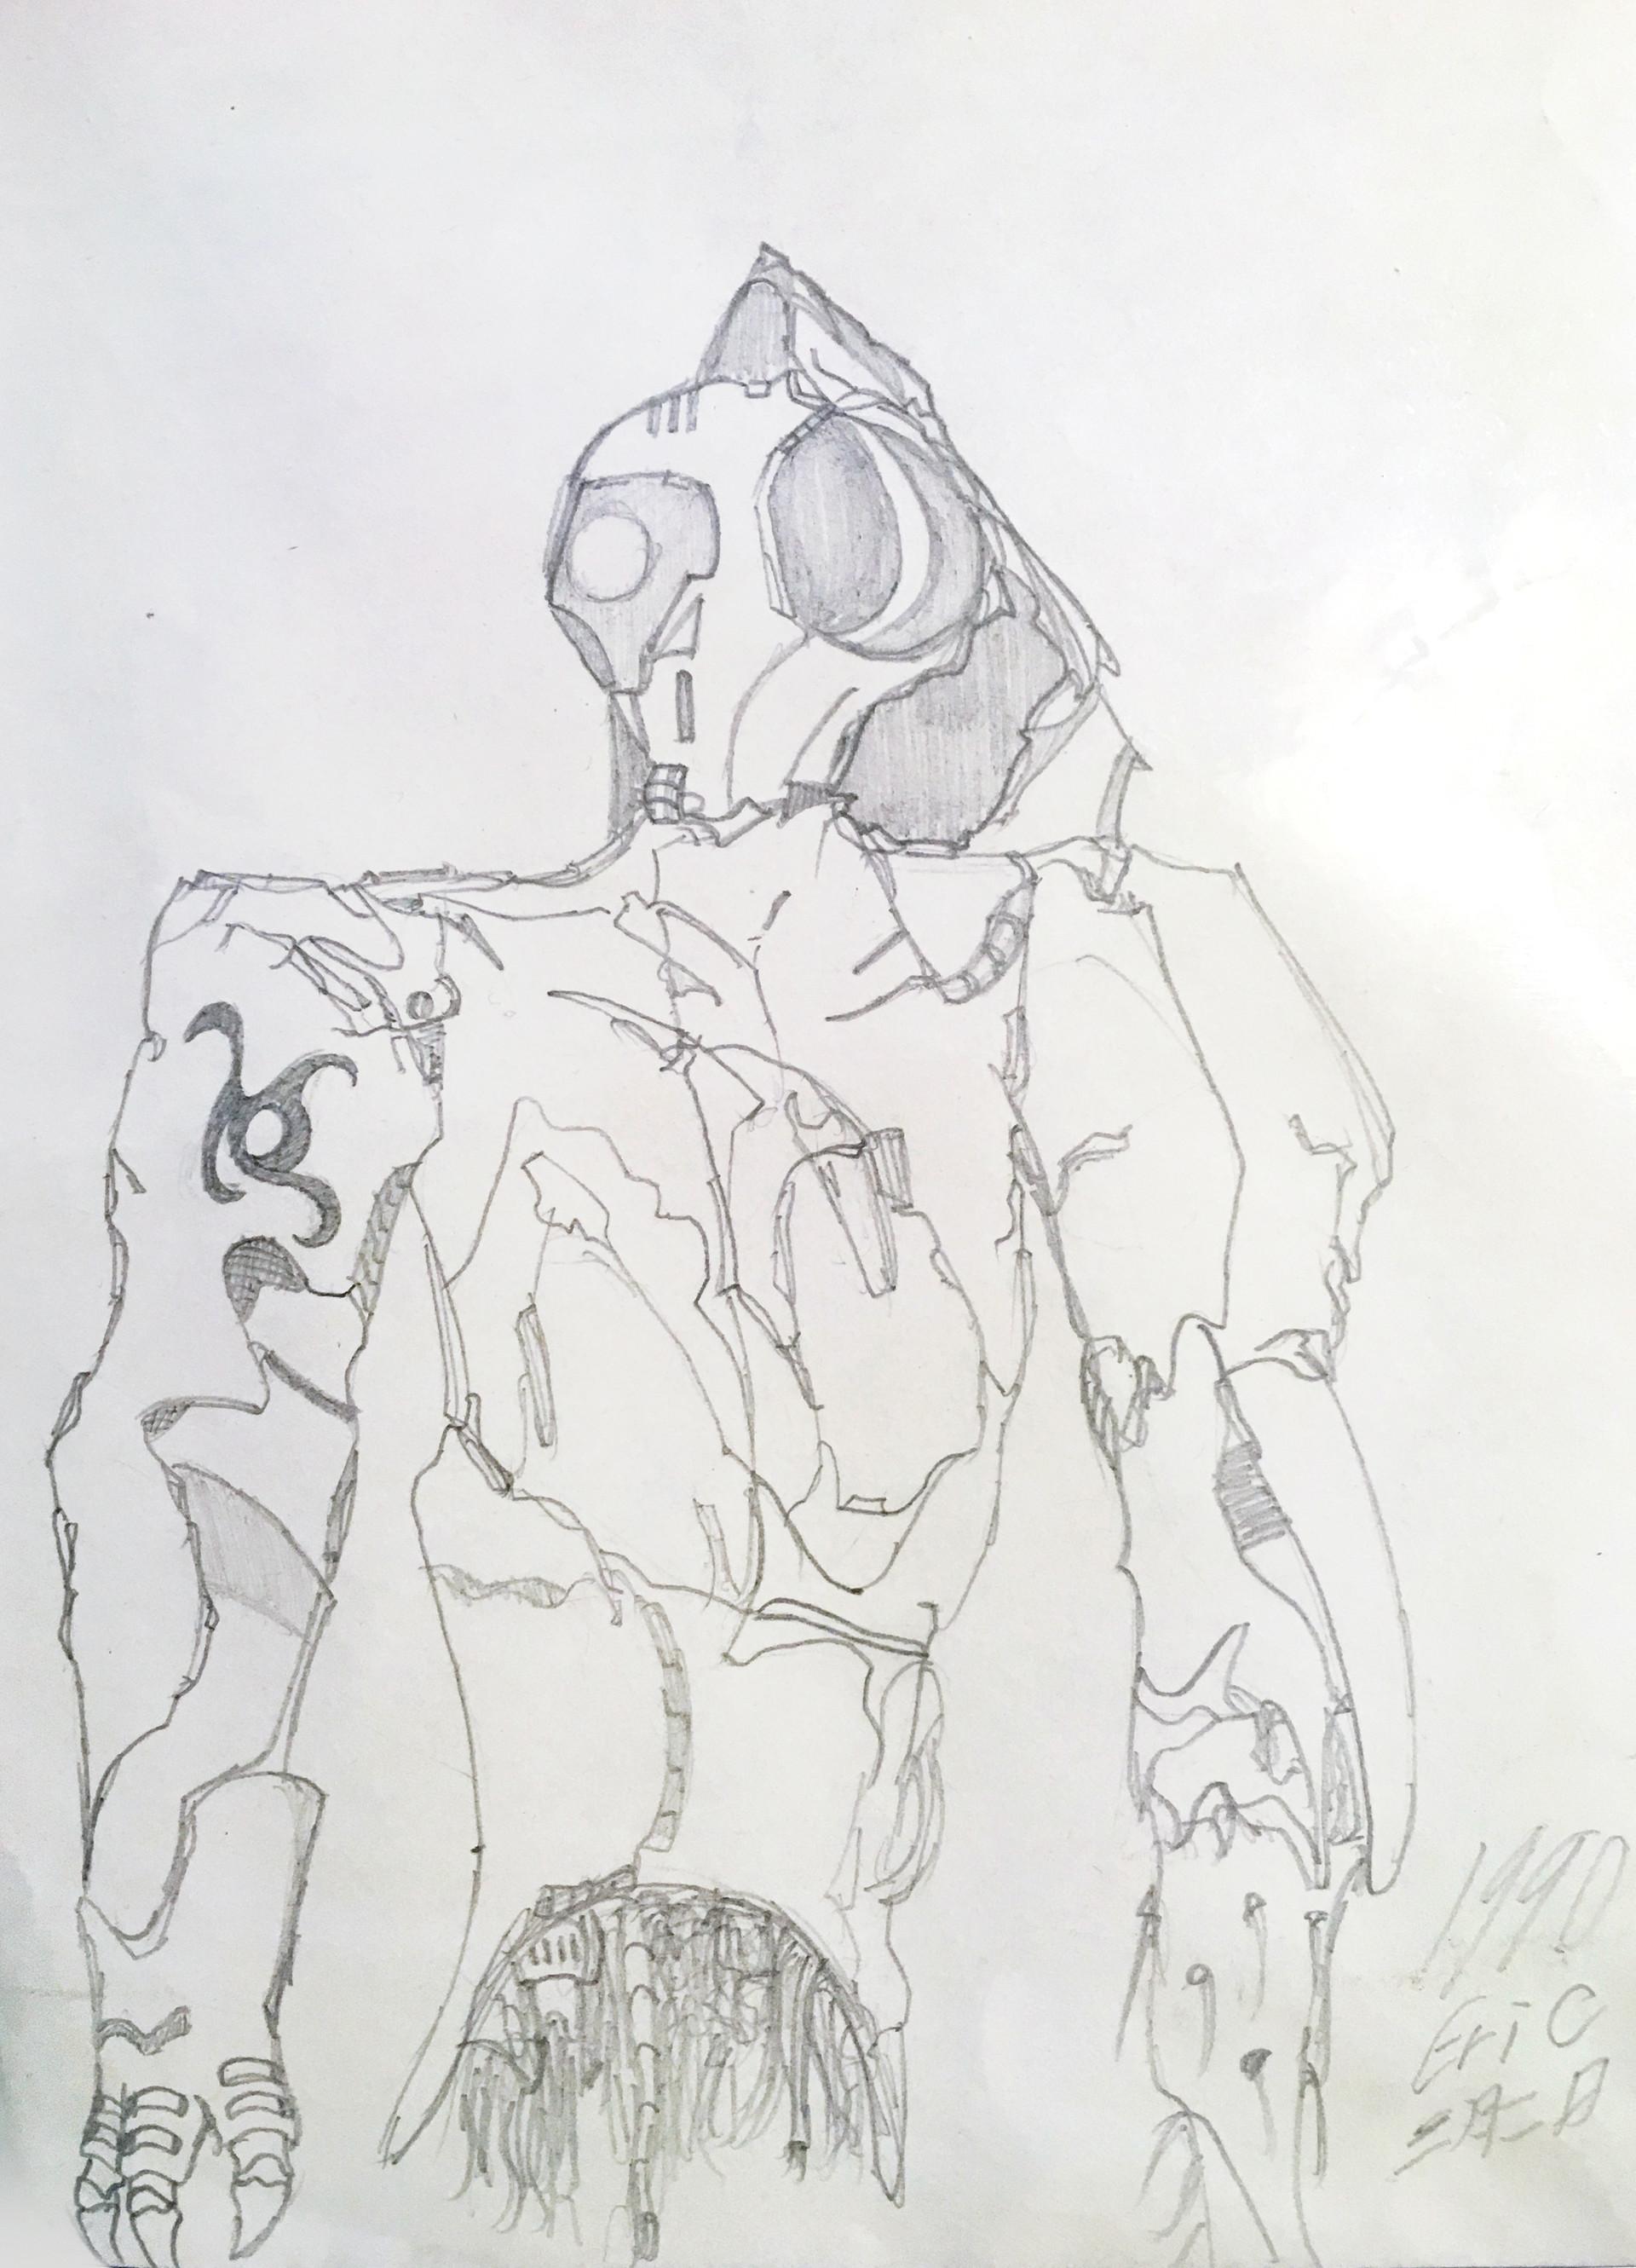 E lynx cyborg insectoid